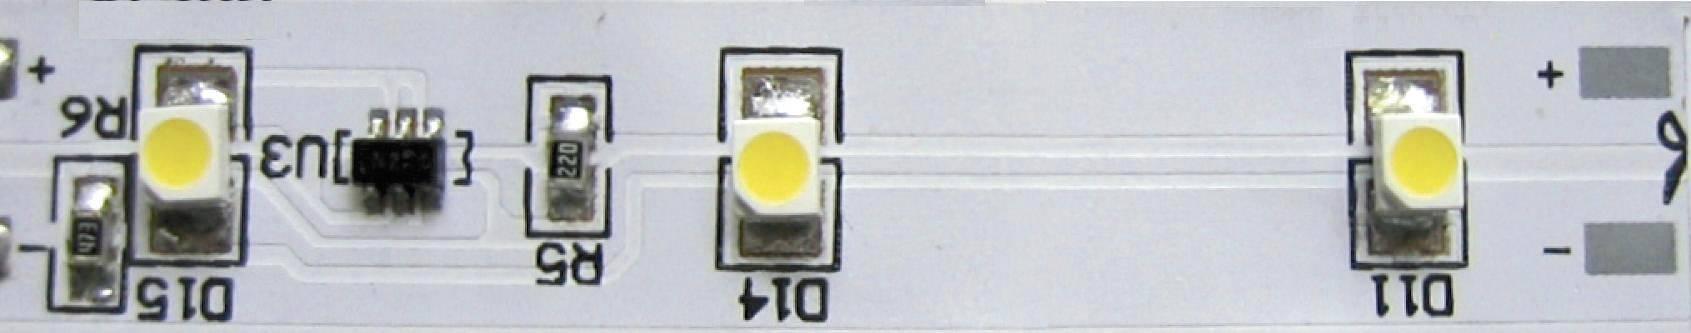 LED pásik ledxon LED STRIPE 12V WARMWEIß 9009140, 12 V, teplá biela, 5 cm